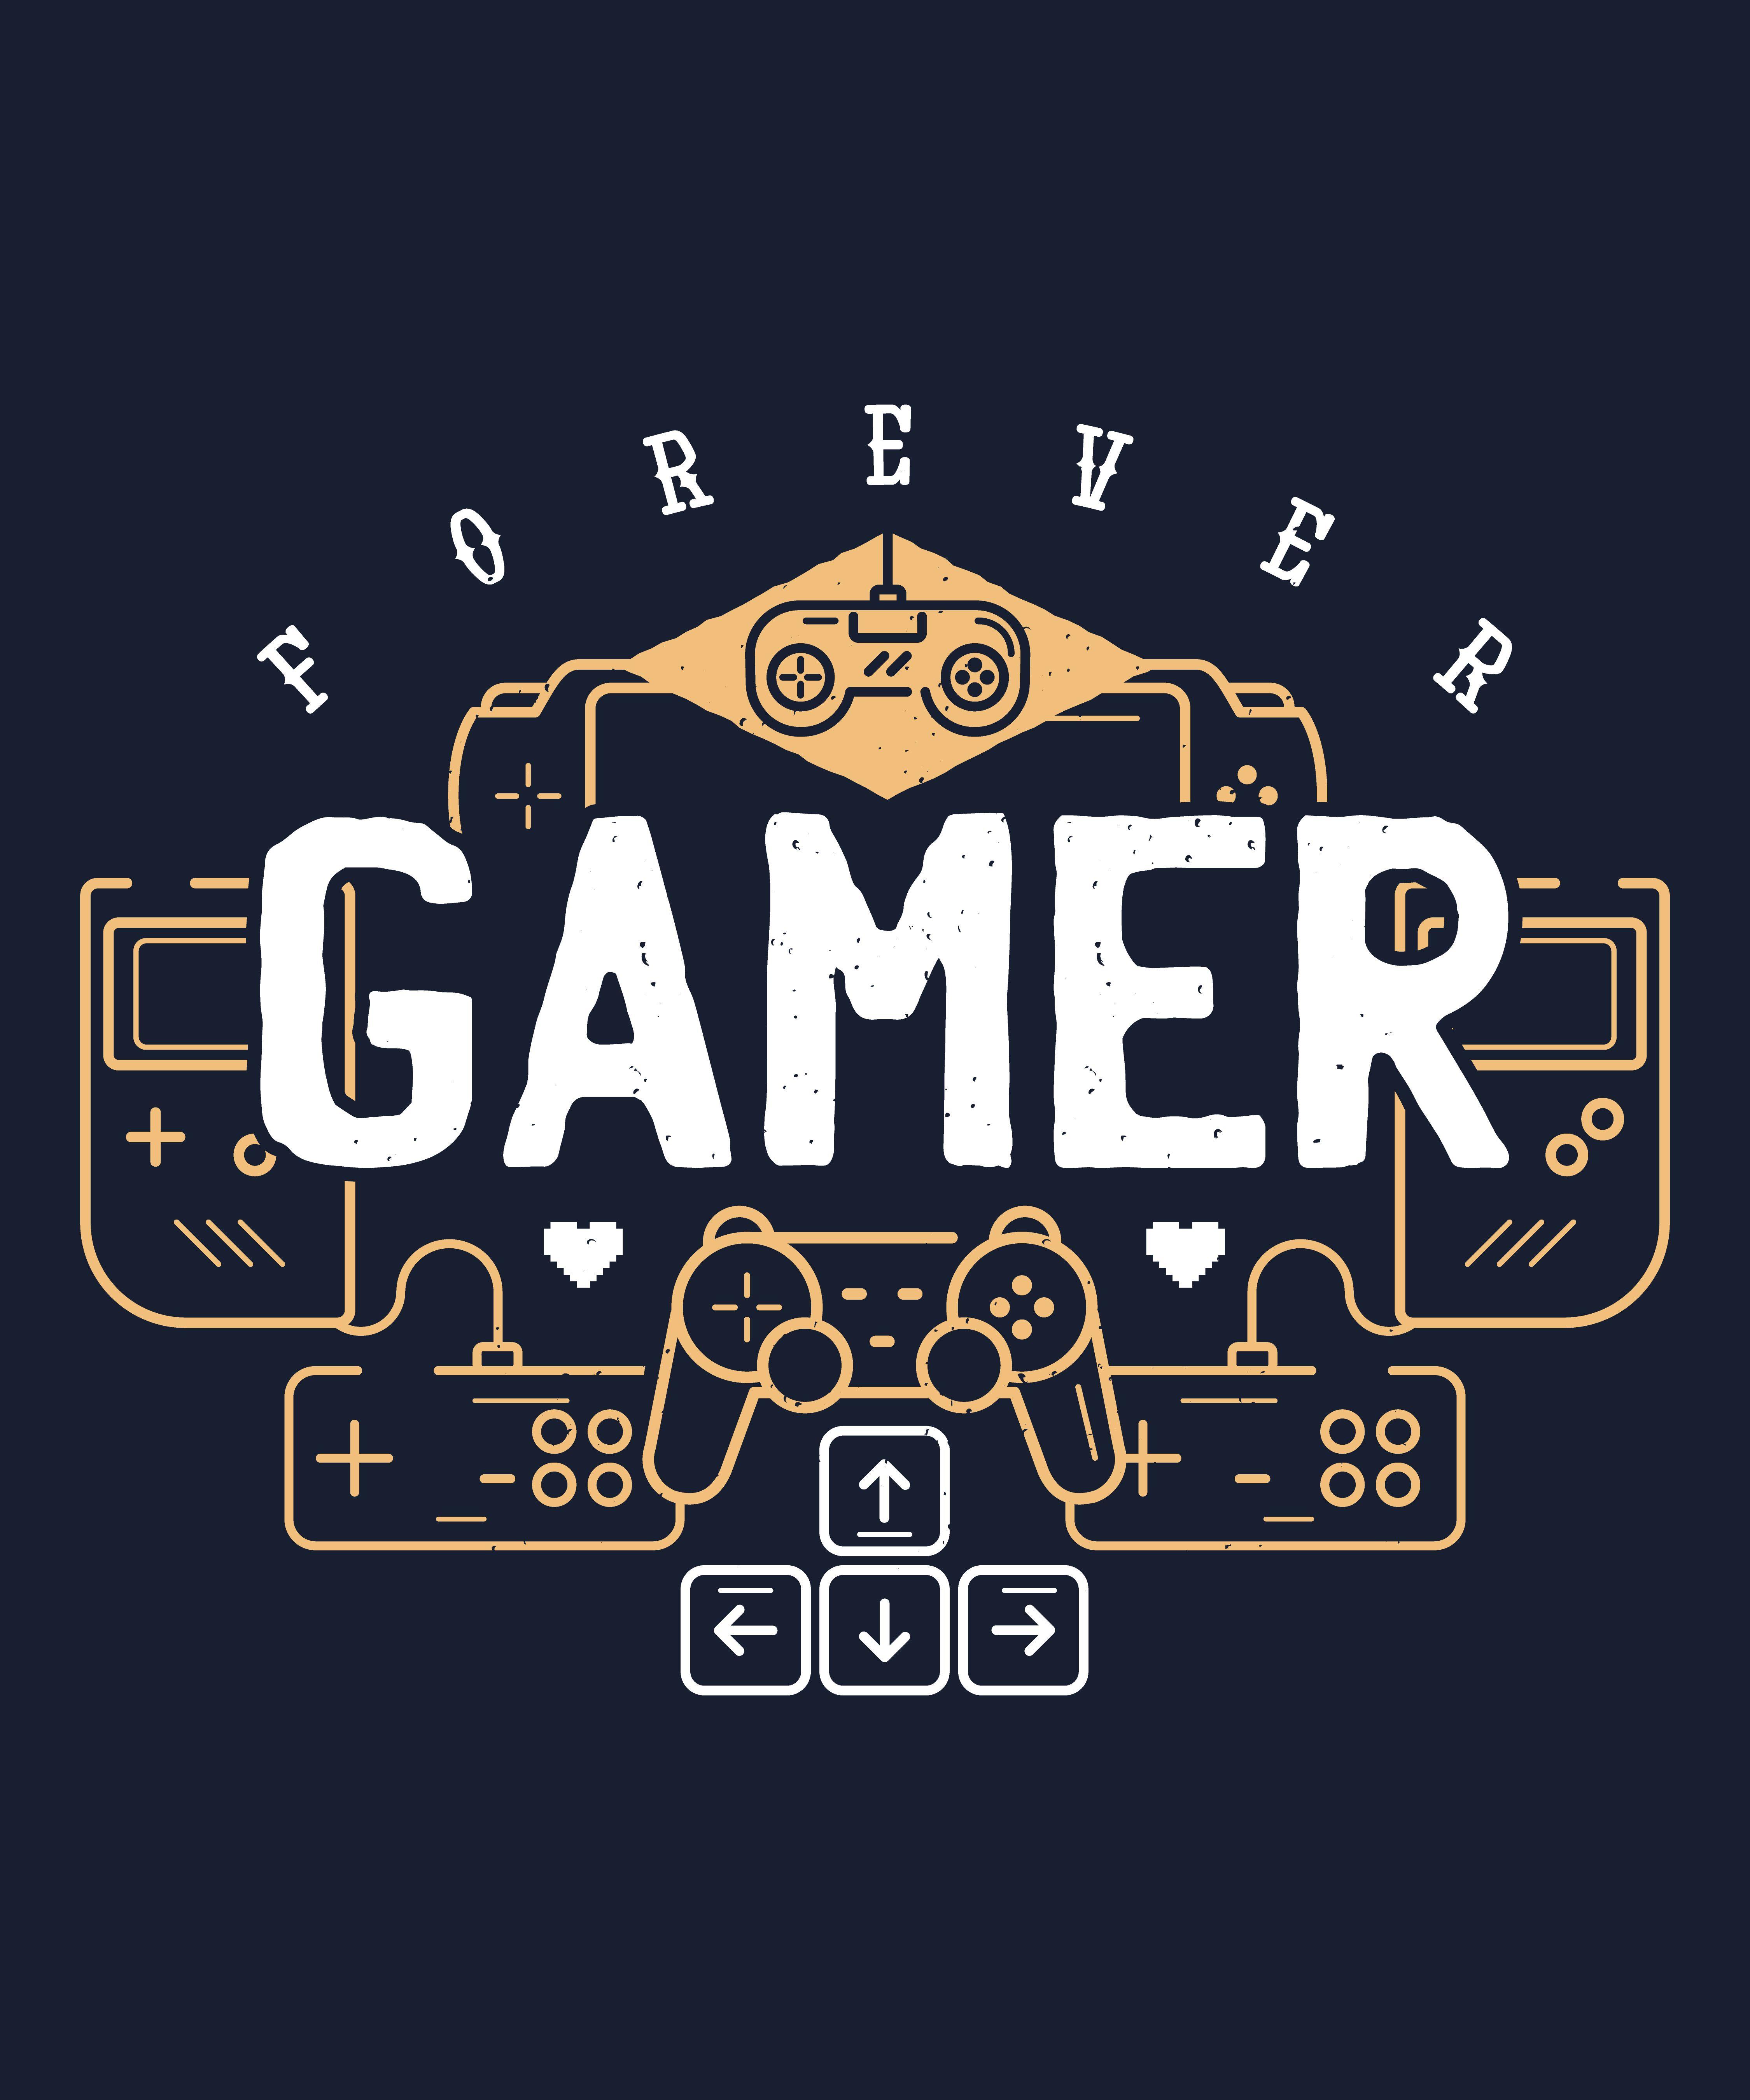 Forever Gamer Unisex TShirt in 2020 Video game decor